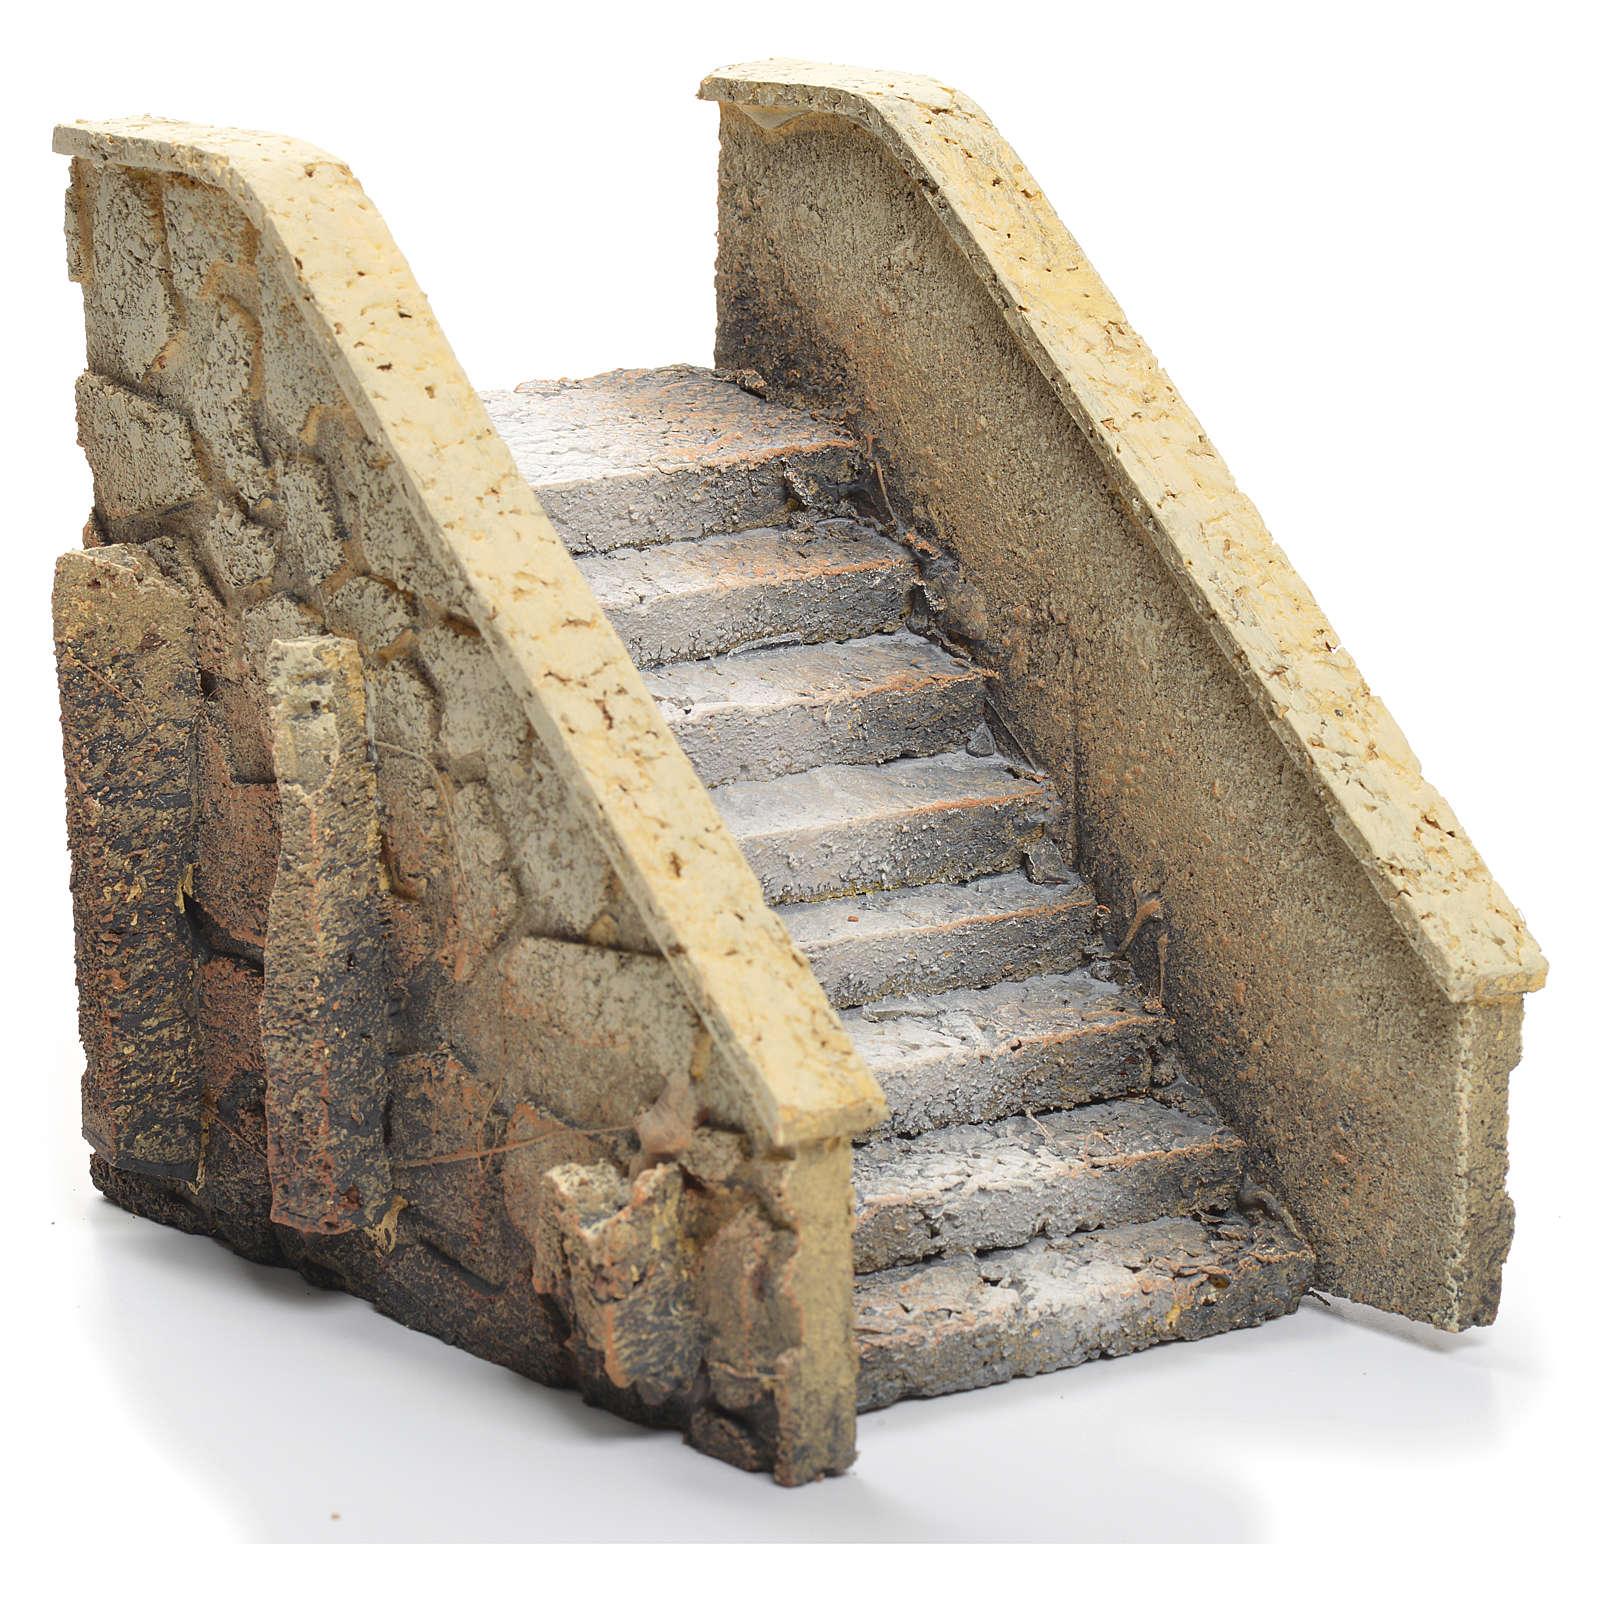 Escalier crèche liège 14x21x11cm 4